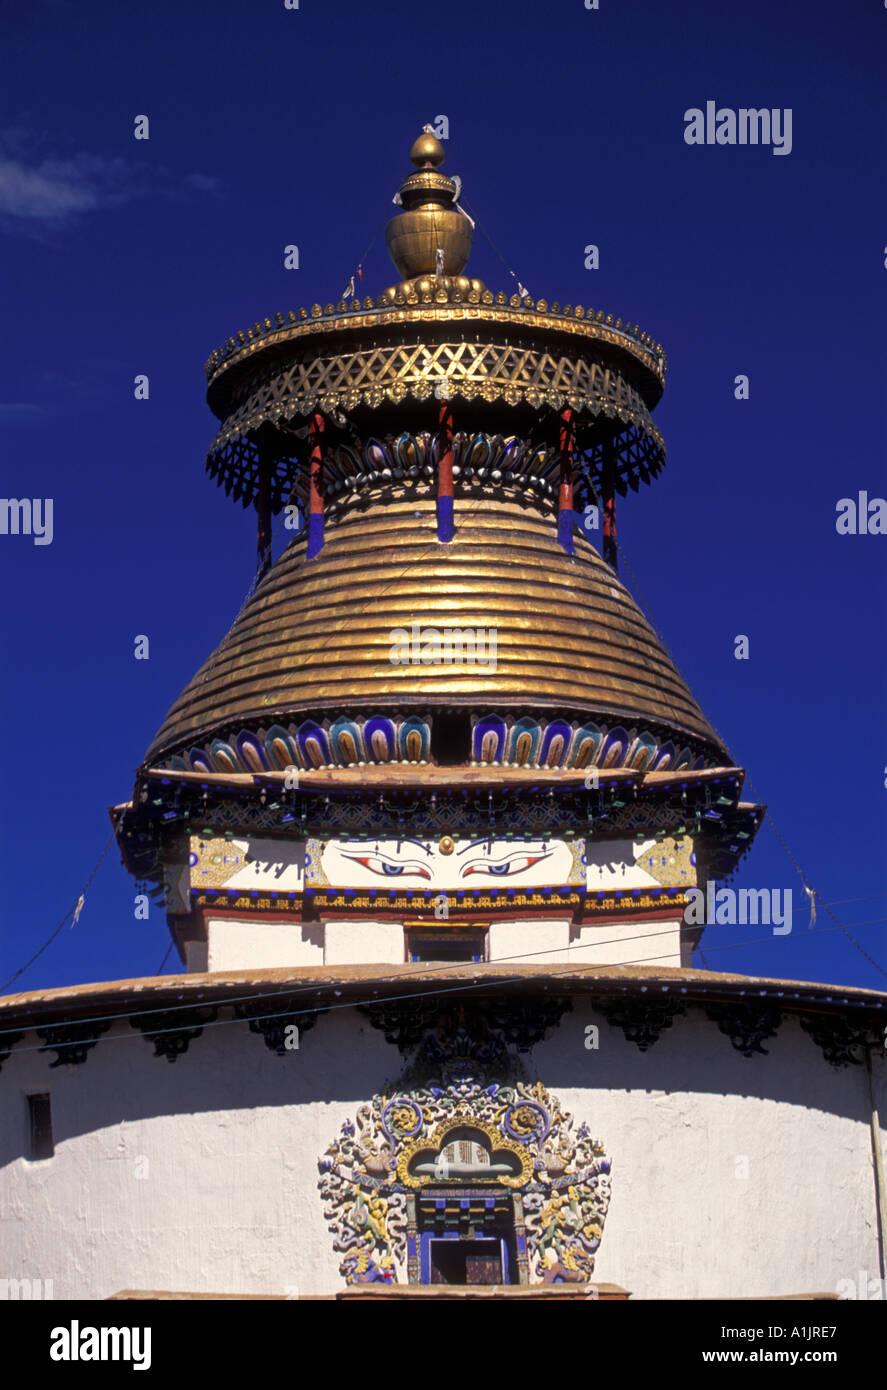 kumbum, chorten, Pelkor Chode Monastery, Buddhism, Buddhist monastery, Buddhist temple, temple, town of Gyantse, Tibet Autonomous Region, China, Asia - Stock Image